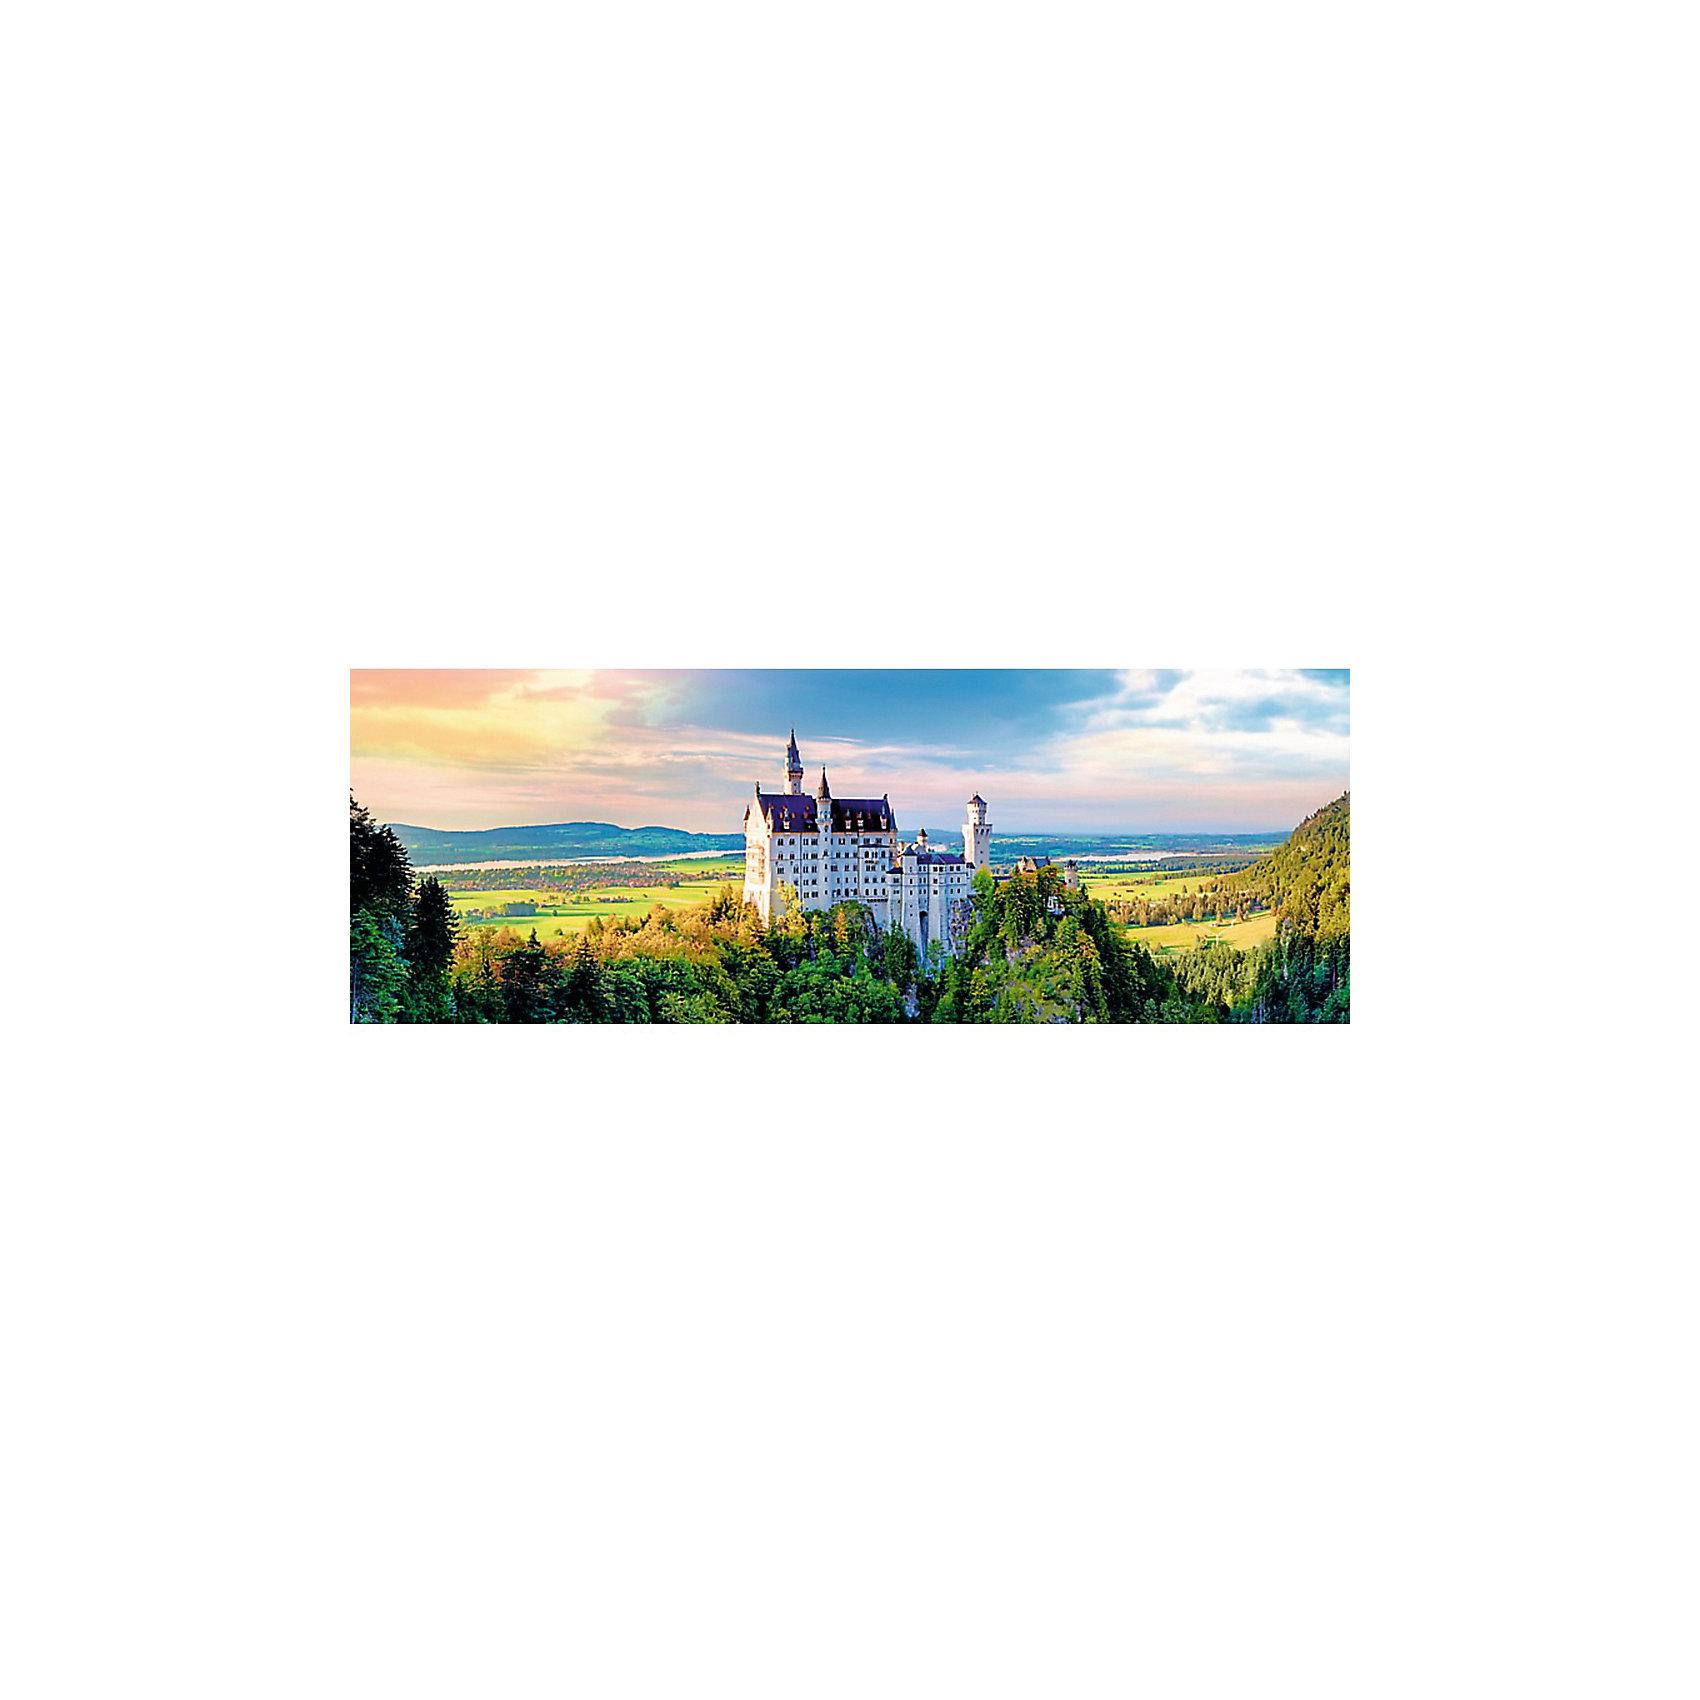 Пазлы панорамные Trefl «Замок Нойшванштайн», 1000 элементовПазлы для детей постарше<br>Очутитесь в Баварии вместе с панорамный пазлом Замок Нойшванштайн от известного бренда Trefl! Красивейший белый замок с темно-синей крышей, с его башенками и окнами, изображен на фоне гор и зелени. На переднем плане красивые изображены зеленые леса и поля, в дали видны красивые горы. Особый шарм этому шедевру придает небо с его облаками и отблесками солнца. Такой картиной вы сможете украсить стену в своем доме или на даче. Ну а если вам нужно придумать подарок для друзей этот пазл именно то, что вам нужно! <br>Детали пазла выполнены из высококачественного картона с антибликовым покрытием. <br>Изображение включает в себя 1000 элементов. <br>Рекомендуемый возраст: от 9 лет.<br><br>Ширина мм: 401<br>Глубина мм: 270<br>Высота мм: 60<br>Вес г: 750<br>Возраст от месяцев: 108<br>Возраст до месяцев: 144<br>Пол: Унисекс<br>Возраст: Детский<br>SKU: 7126324